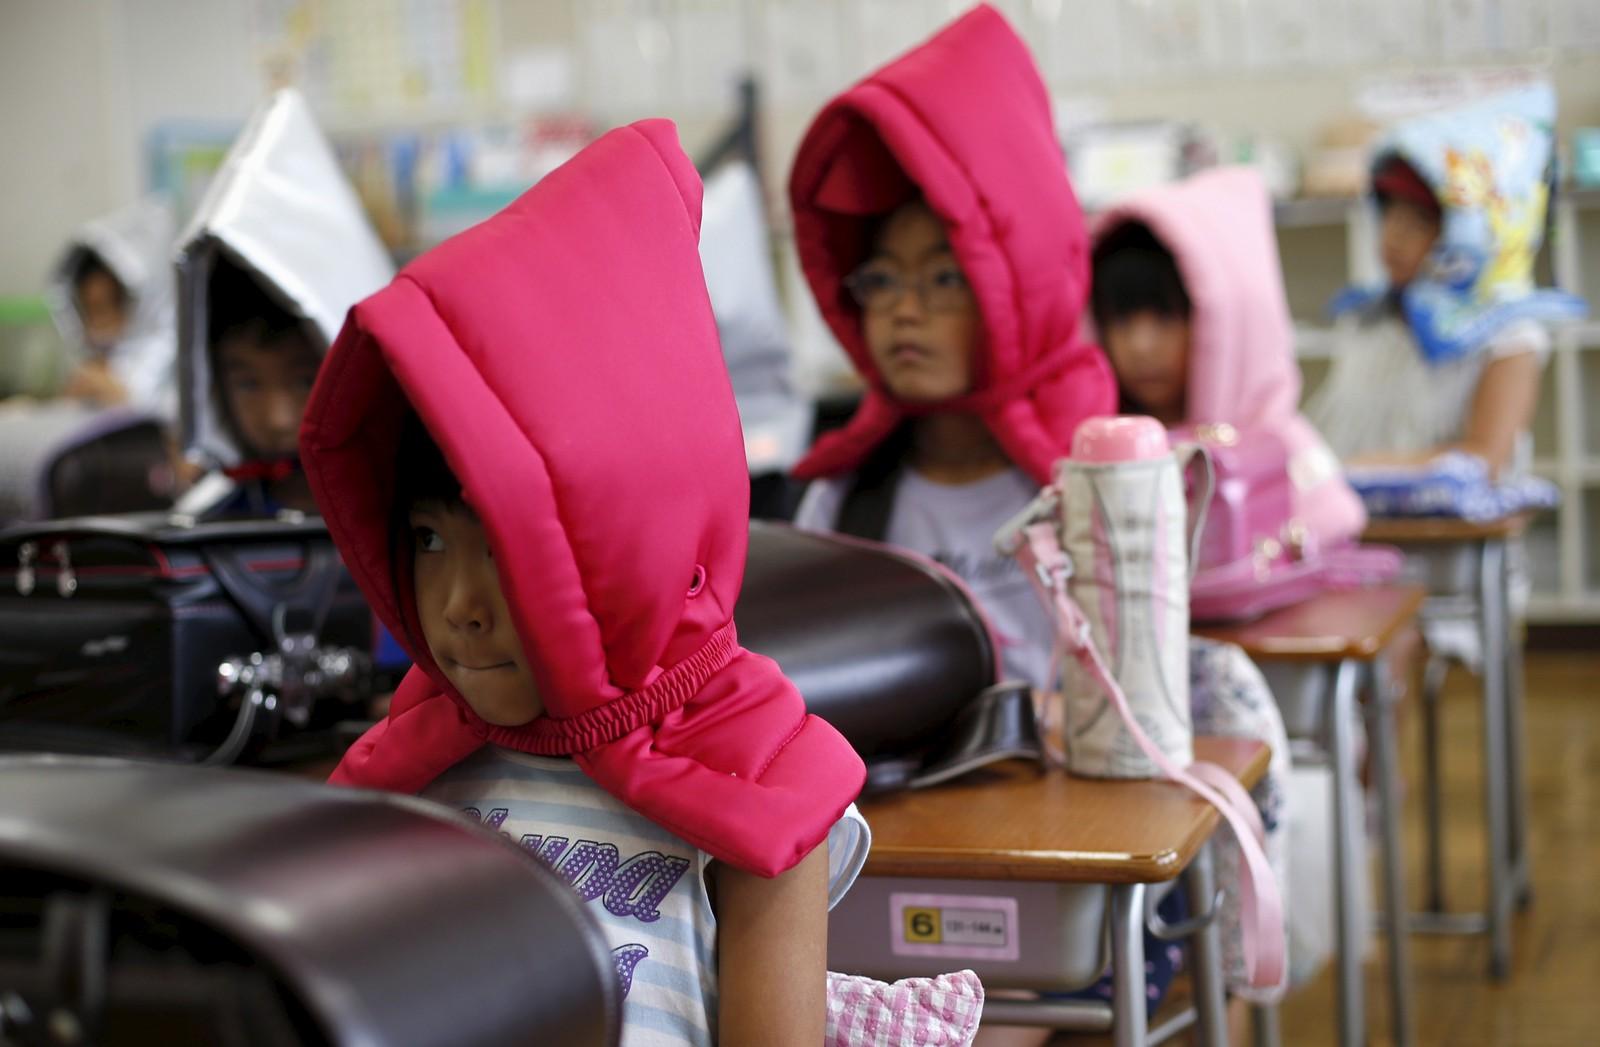 Japanske skolebarn kledd for jordskjelv-øvelse sitter klare ved pultene sine. Hettene er tenkt å beskytte hodene deres. Slike øvelser skjer 1. september hvert år til minne om det store Kanto-jordskjelvet i 1923.